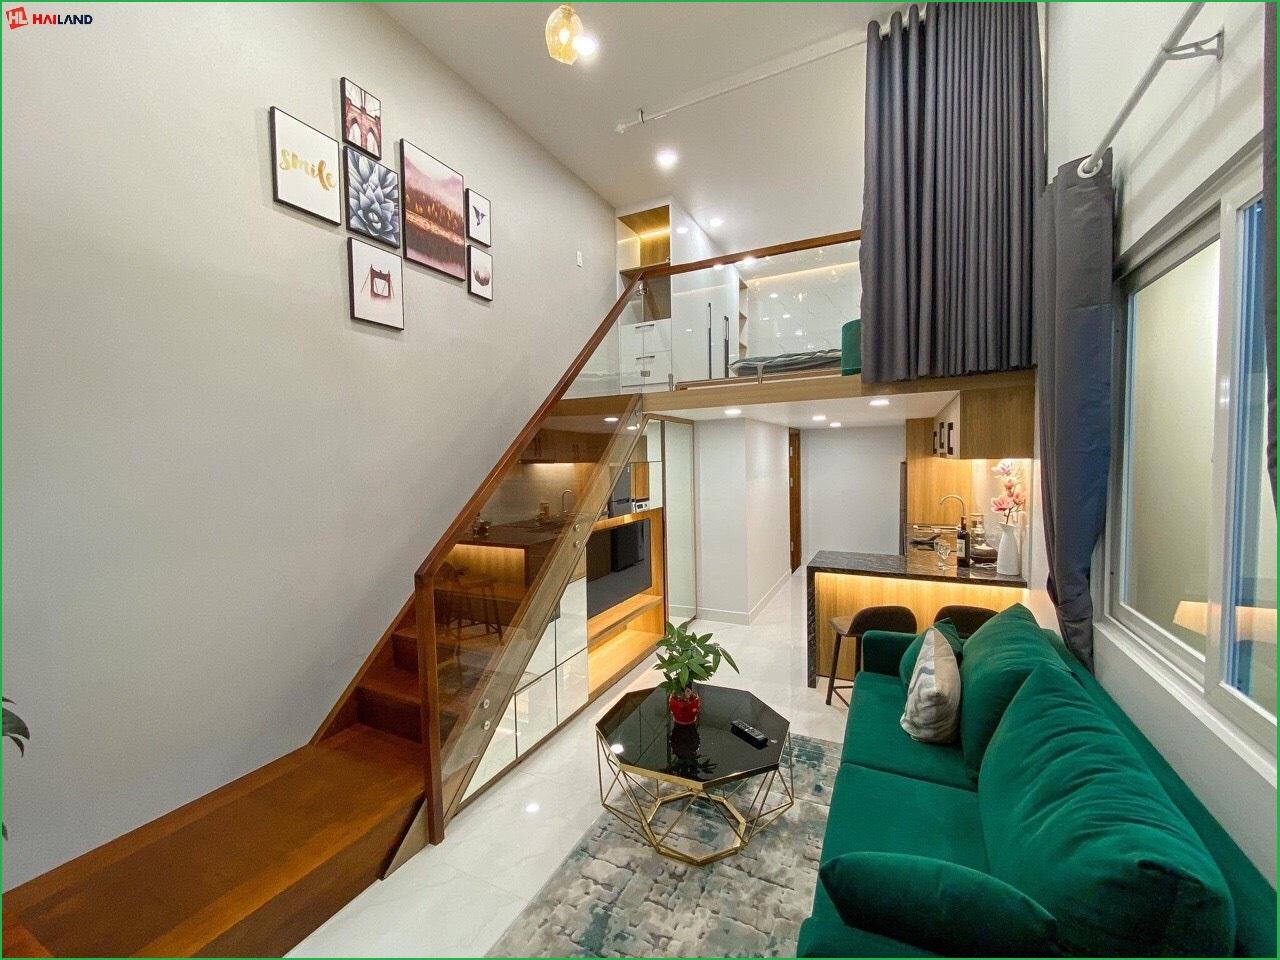 Thiết kế căn hộ lũy bán bích - hailand.vn